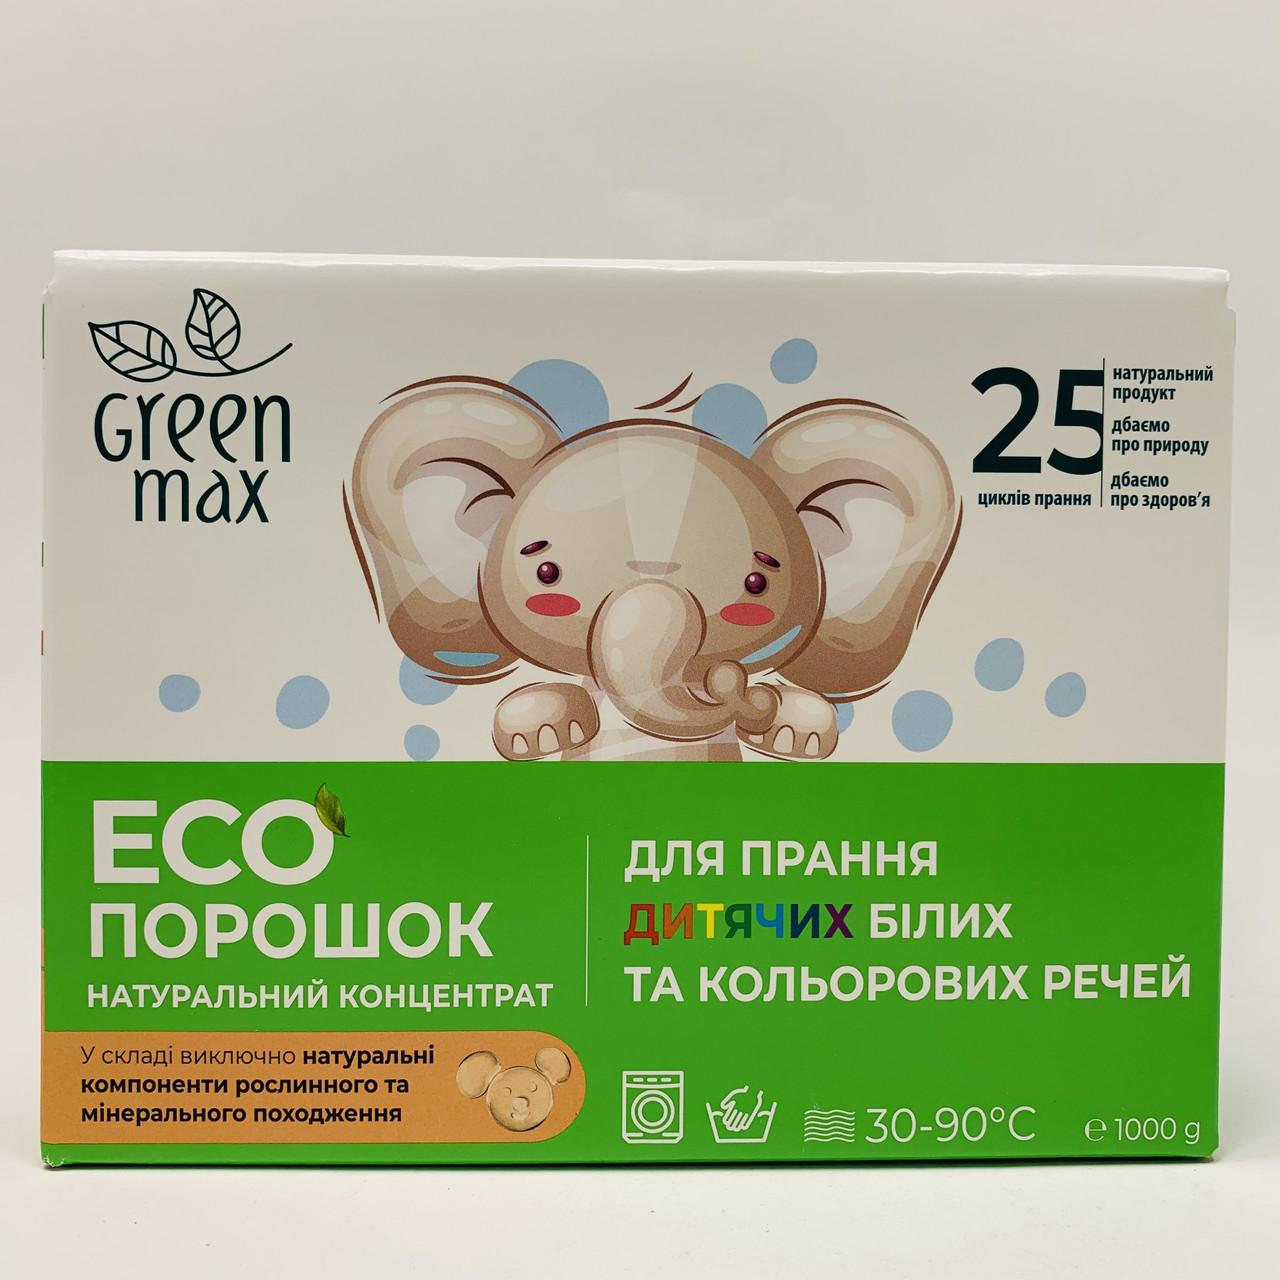 ЕКО Порошок натуральний концентрат для прання дитячих речей, 1 кг, Max Green